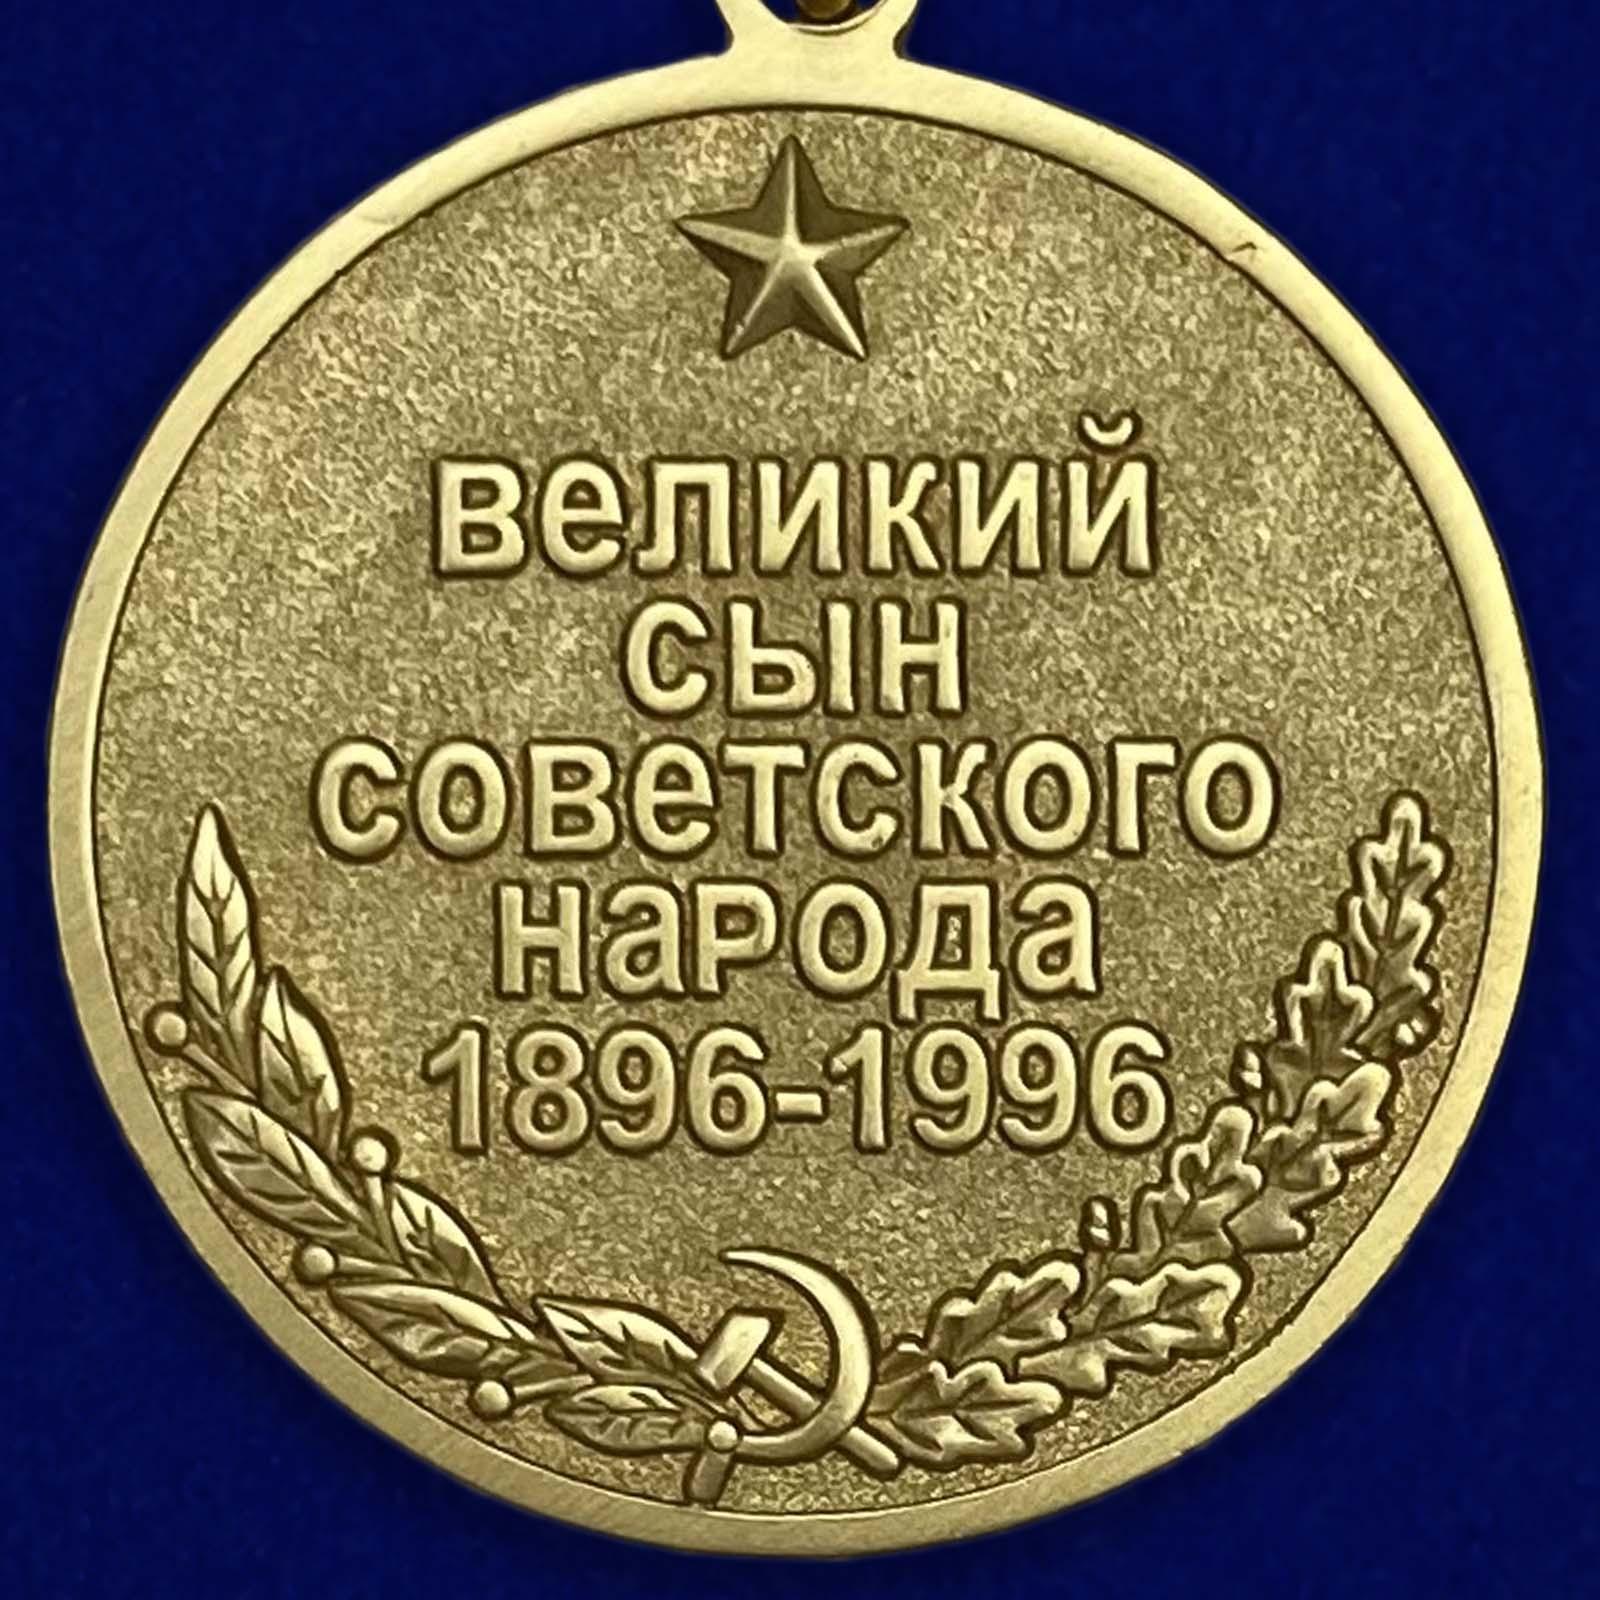 Купить медаль Жуков. 1896-1996